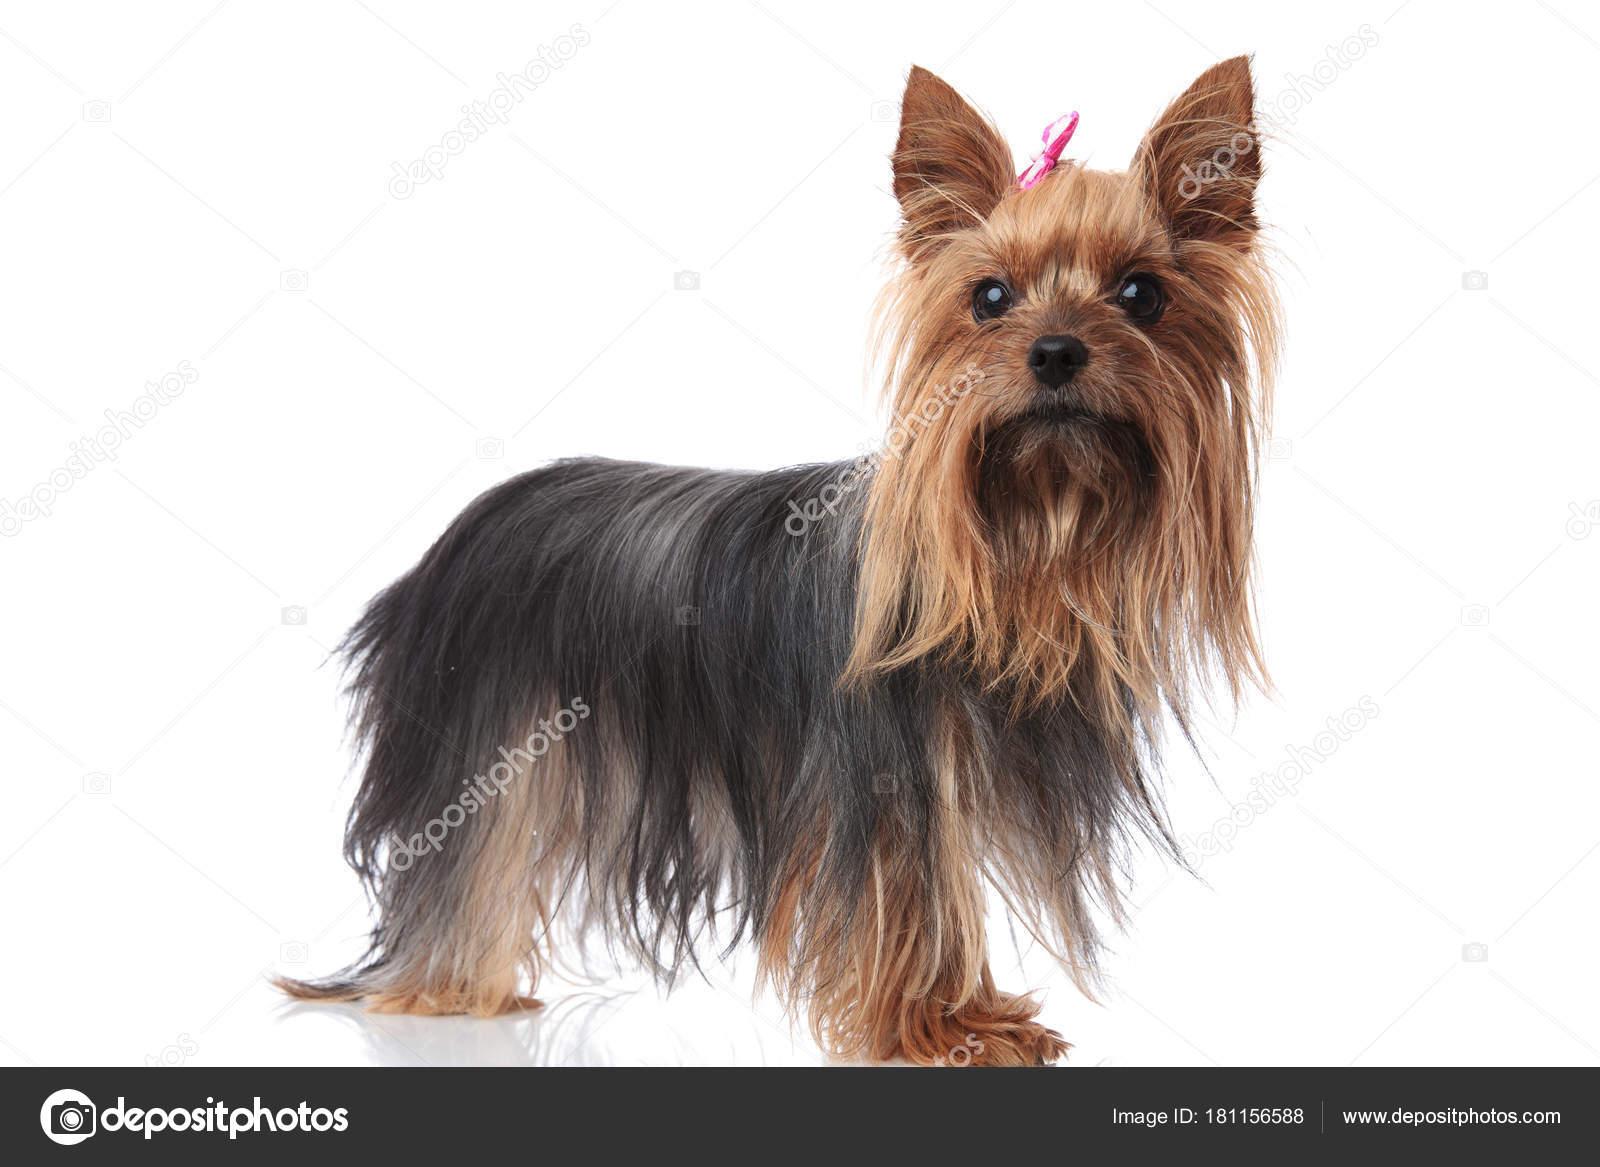 Teljes Test Kepe Egy Aranyos Yorkshire Terrier Kolyok Kutya Stock